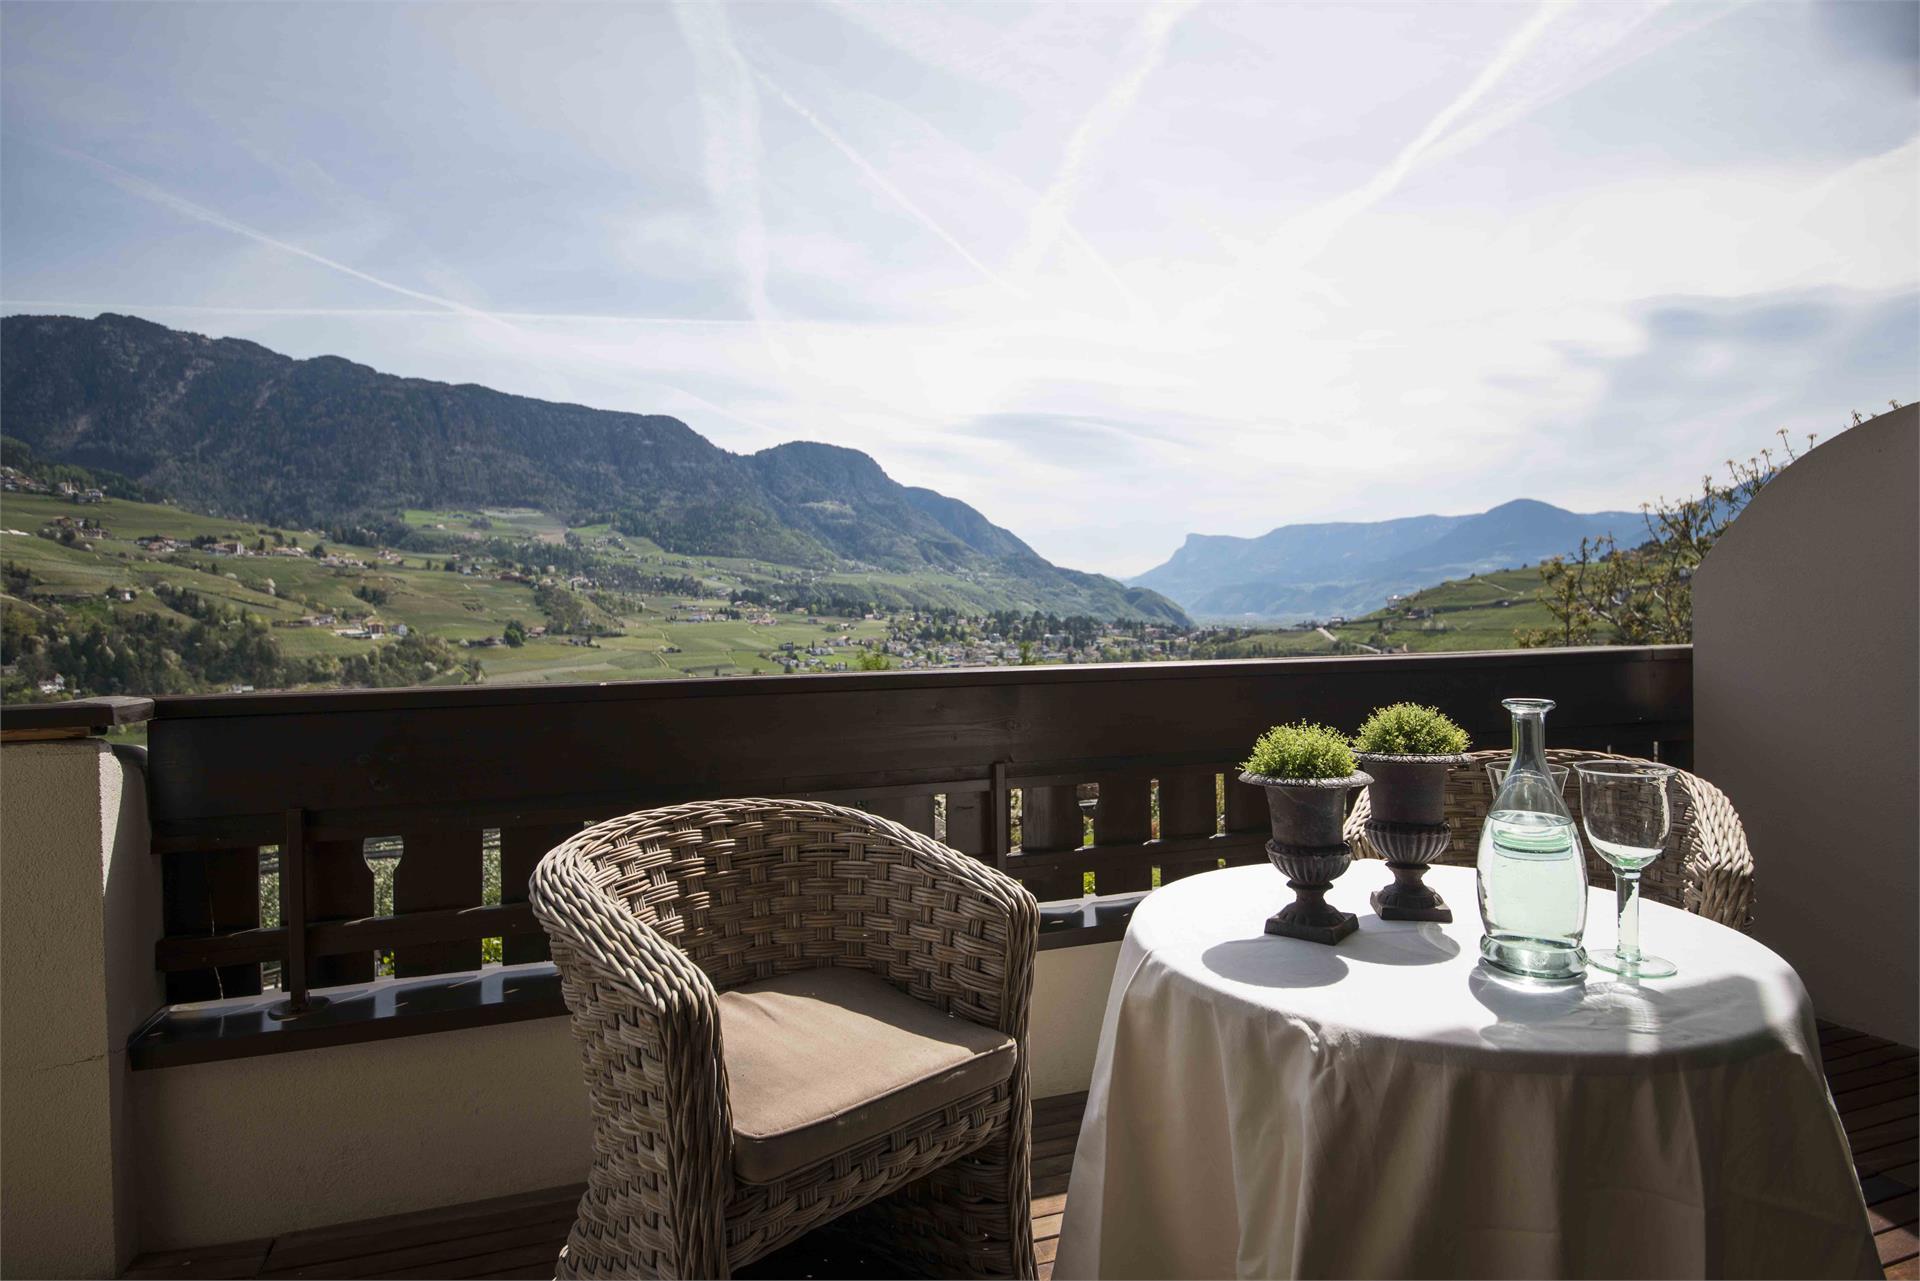 panoramicview to Merano and Schenna